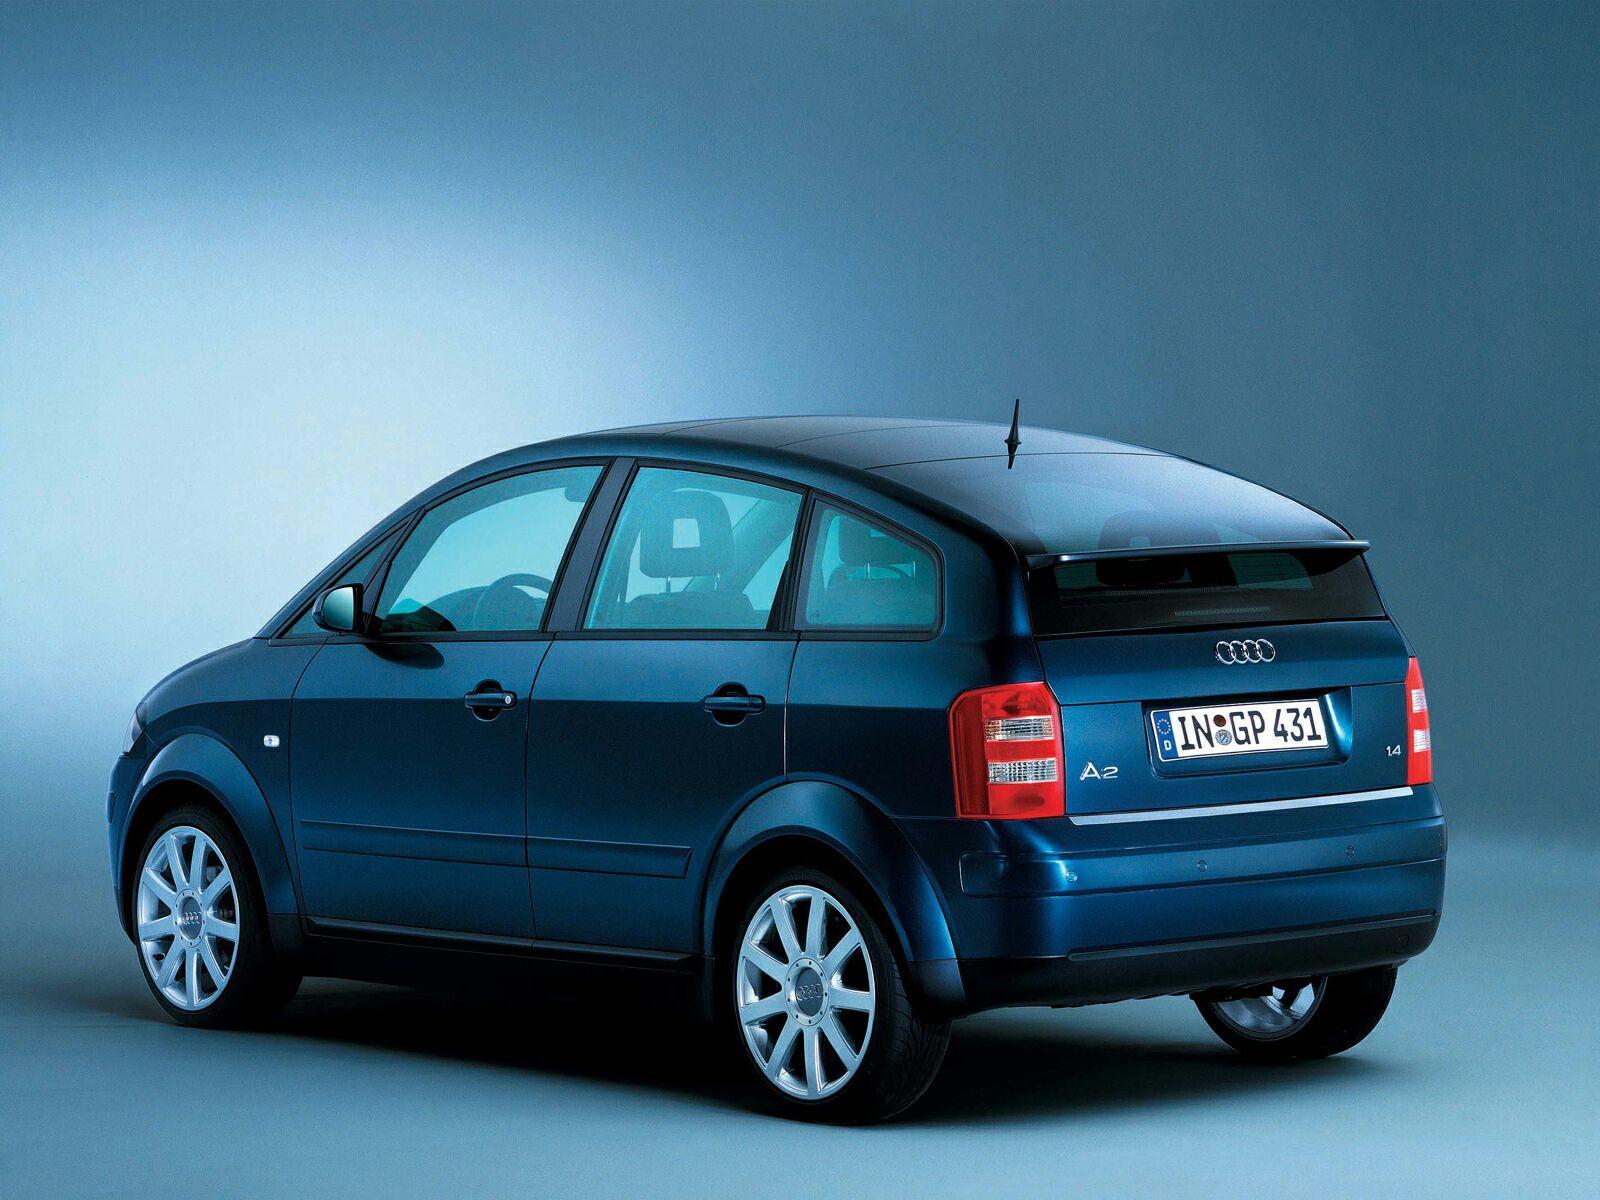 Audi A - Audi a2